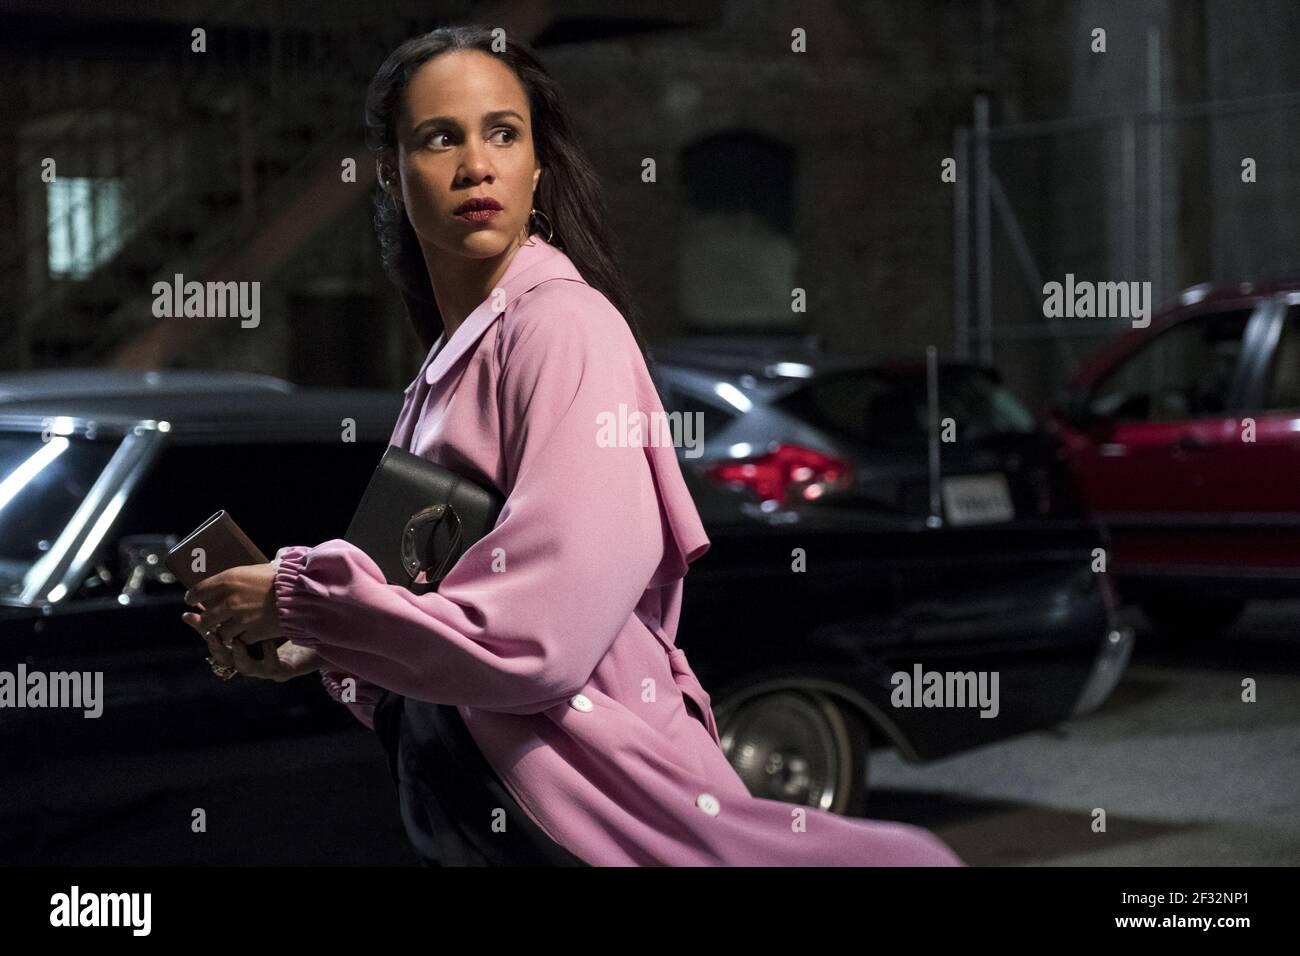 ZAWE ASHTON, VELVET BUZZSAW, 2019, ©CLAUDETTE BARIUS/NETFLIX Banque D'Images